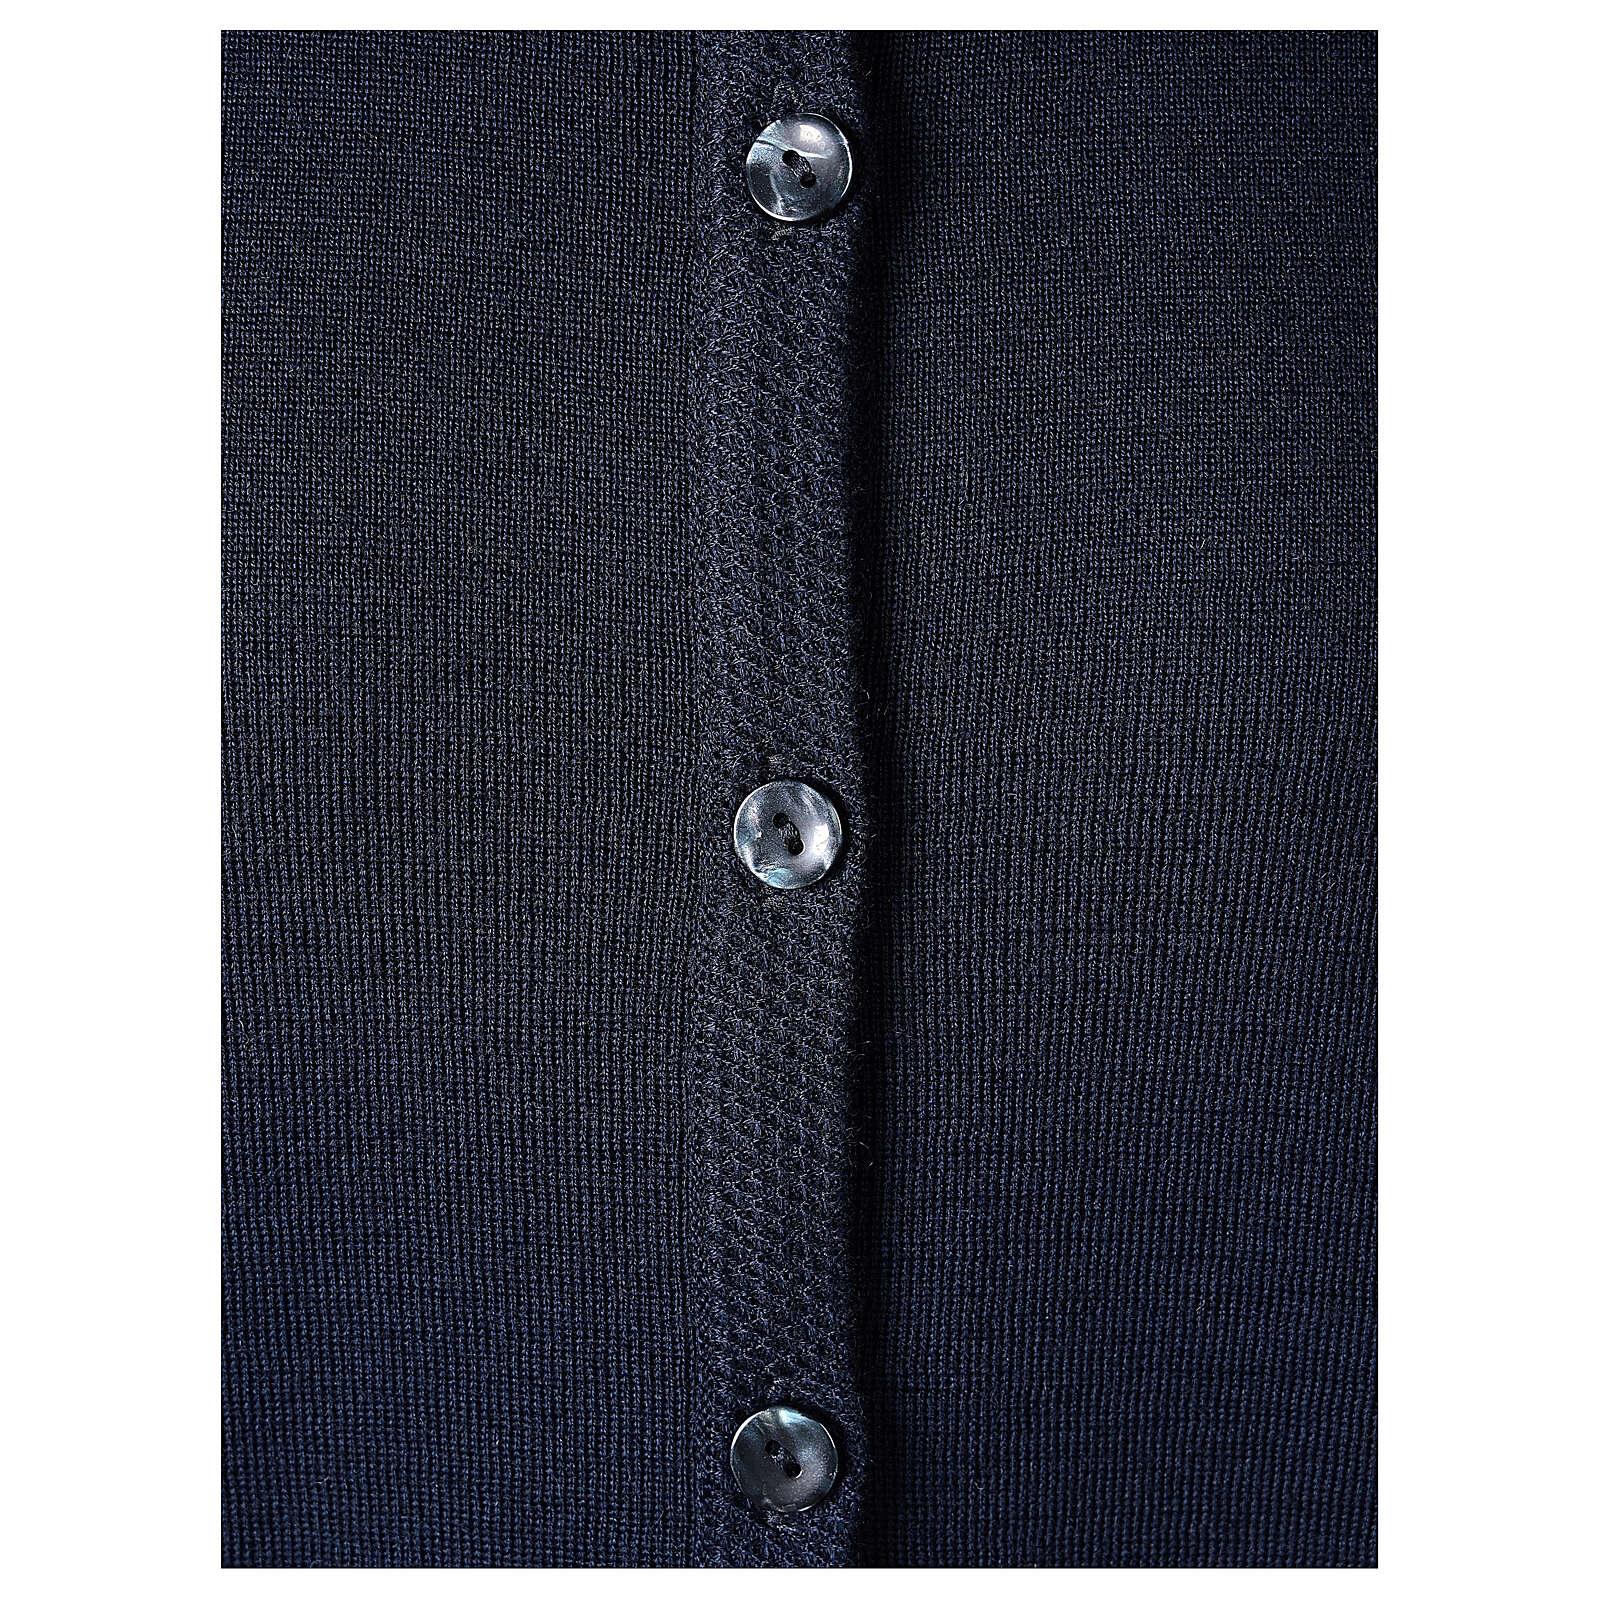 Cardigan suora blu coreana tasche TAGLIE CONF. 50% acr. 50% merino In Primis 4